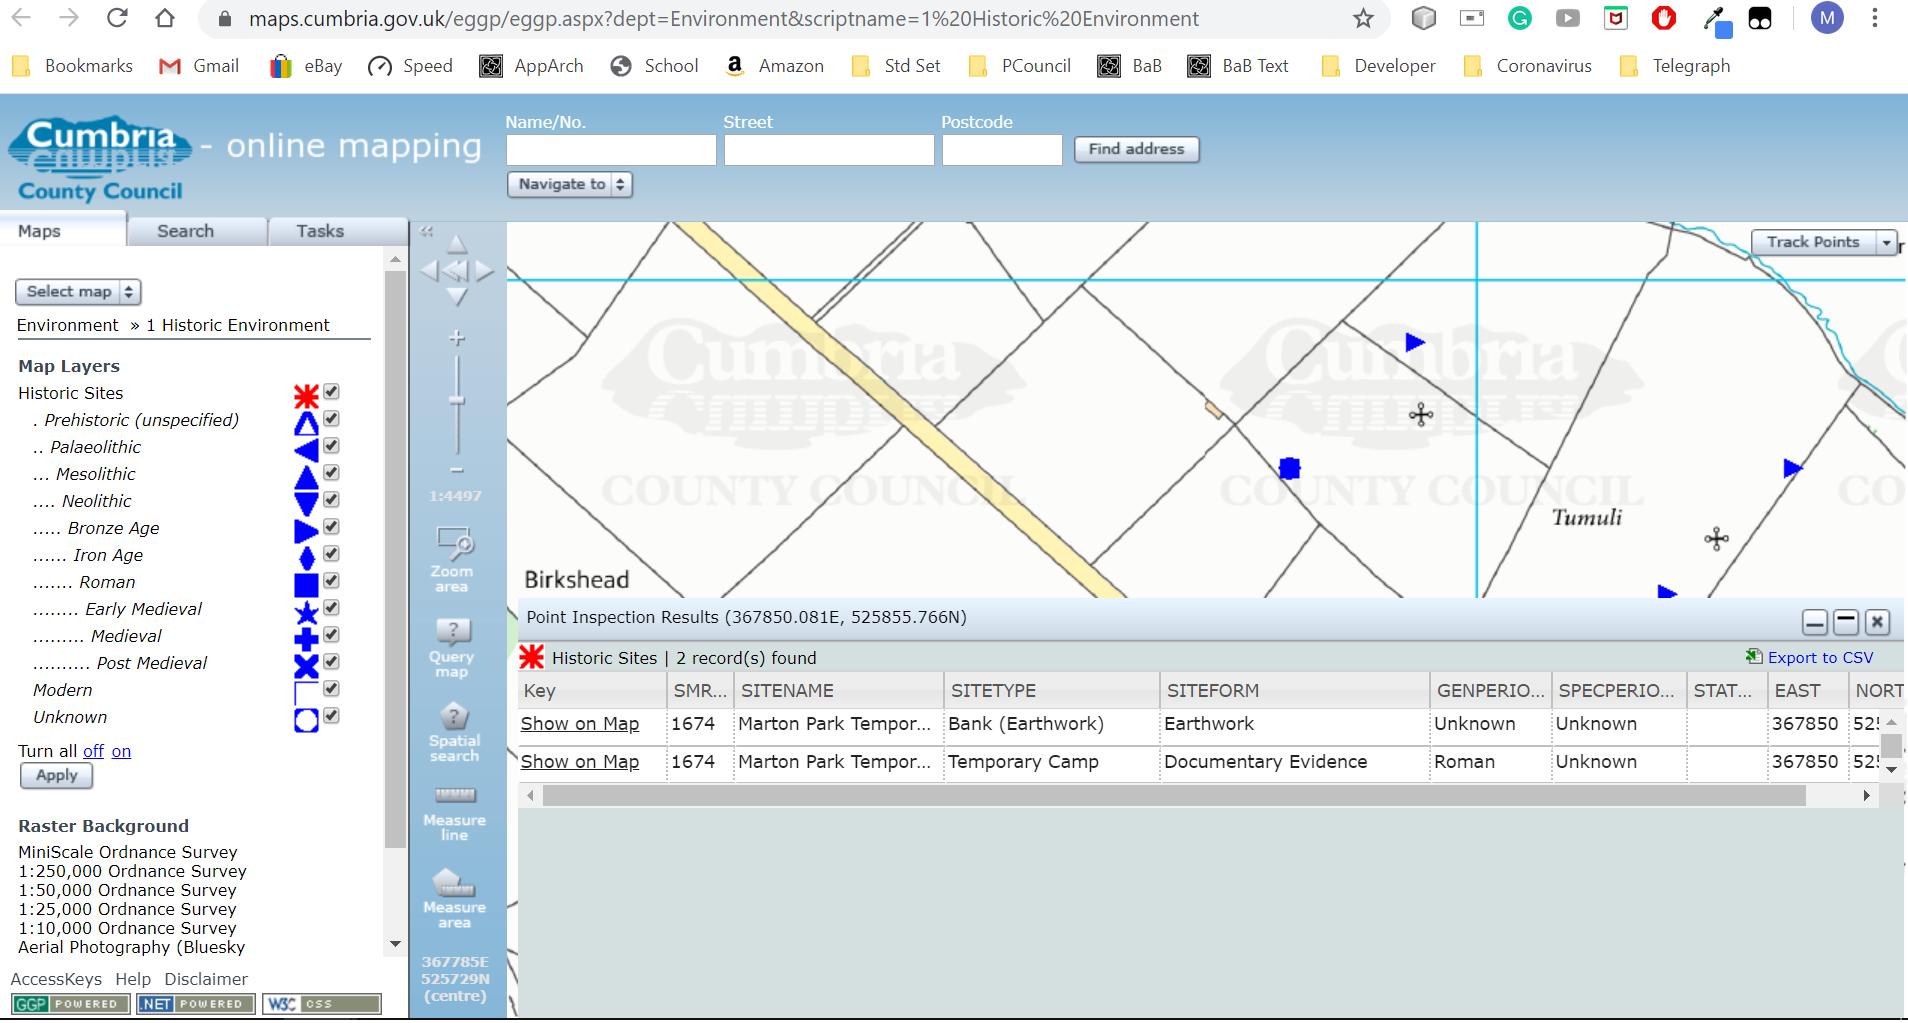 CCC Heritage map showig SMR detailss